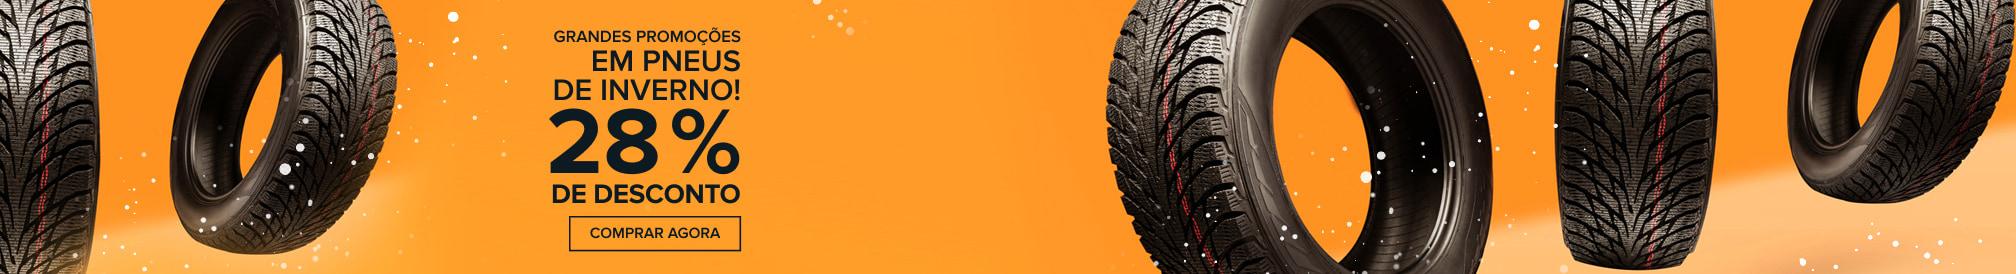 Grandes promoções em pneus de inverno! 28 % DE DESCONTO - Comprar agora!